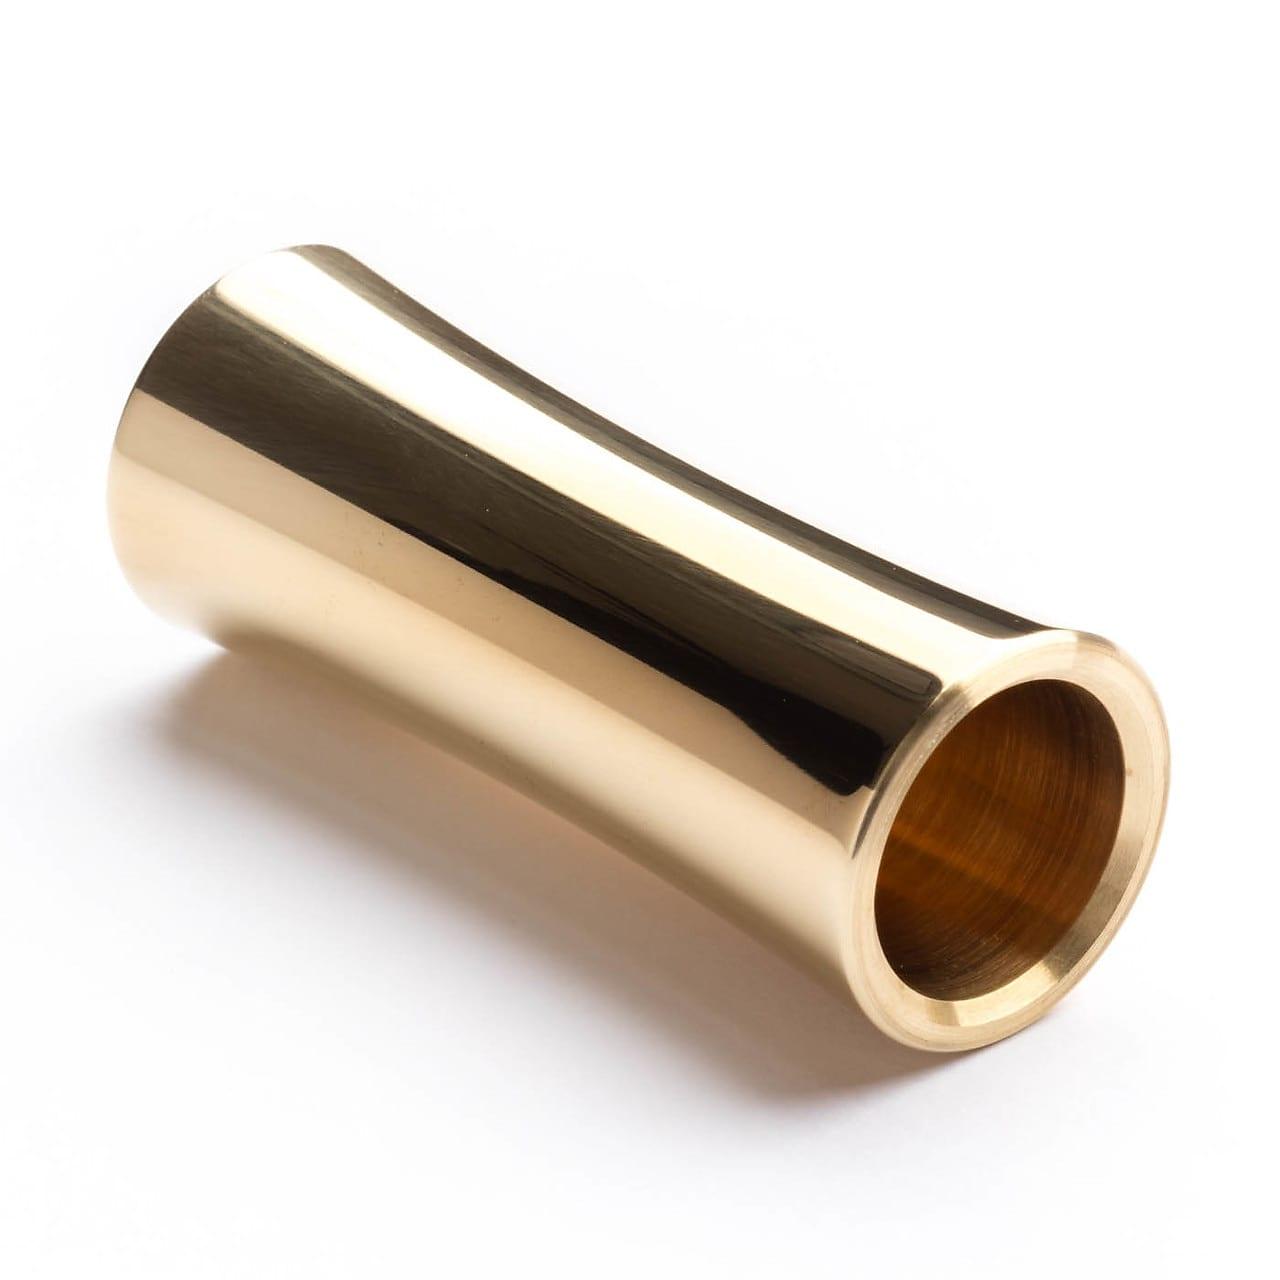 Dunlop 227 Medium Concave Brass Slide Heavy Wall